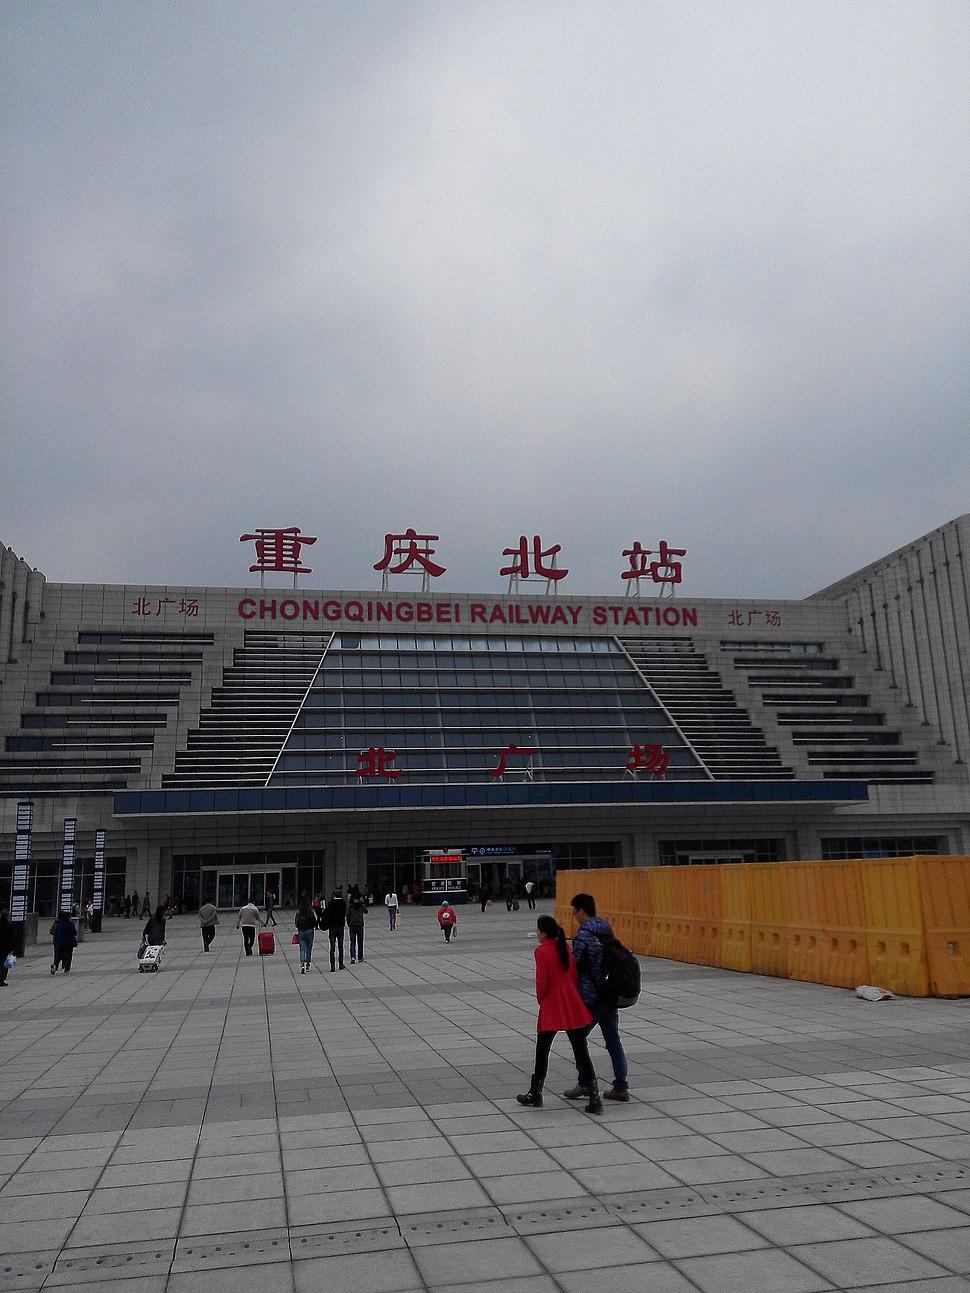 CHONGQINGBEI RAILWAY STATION